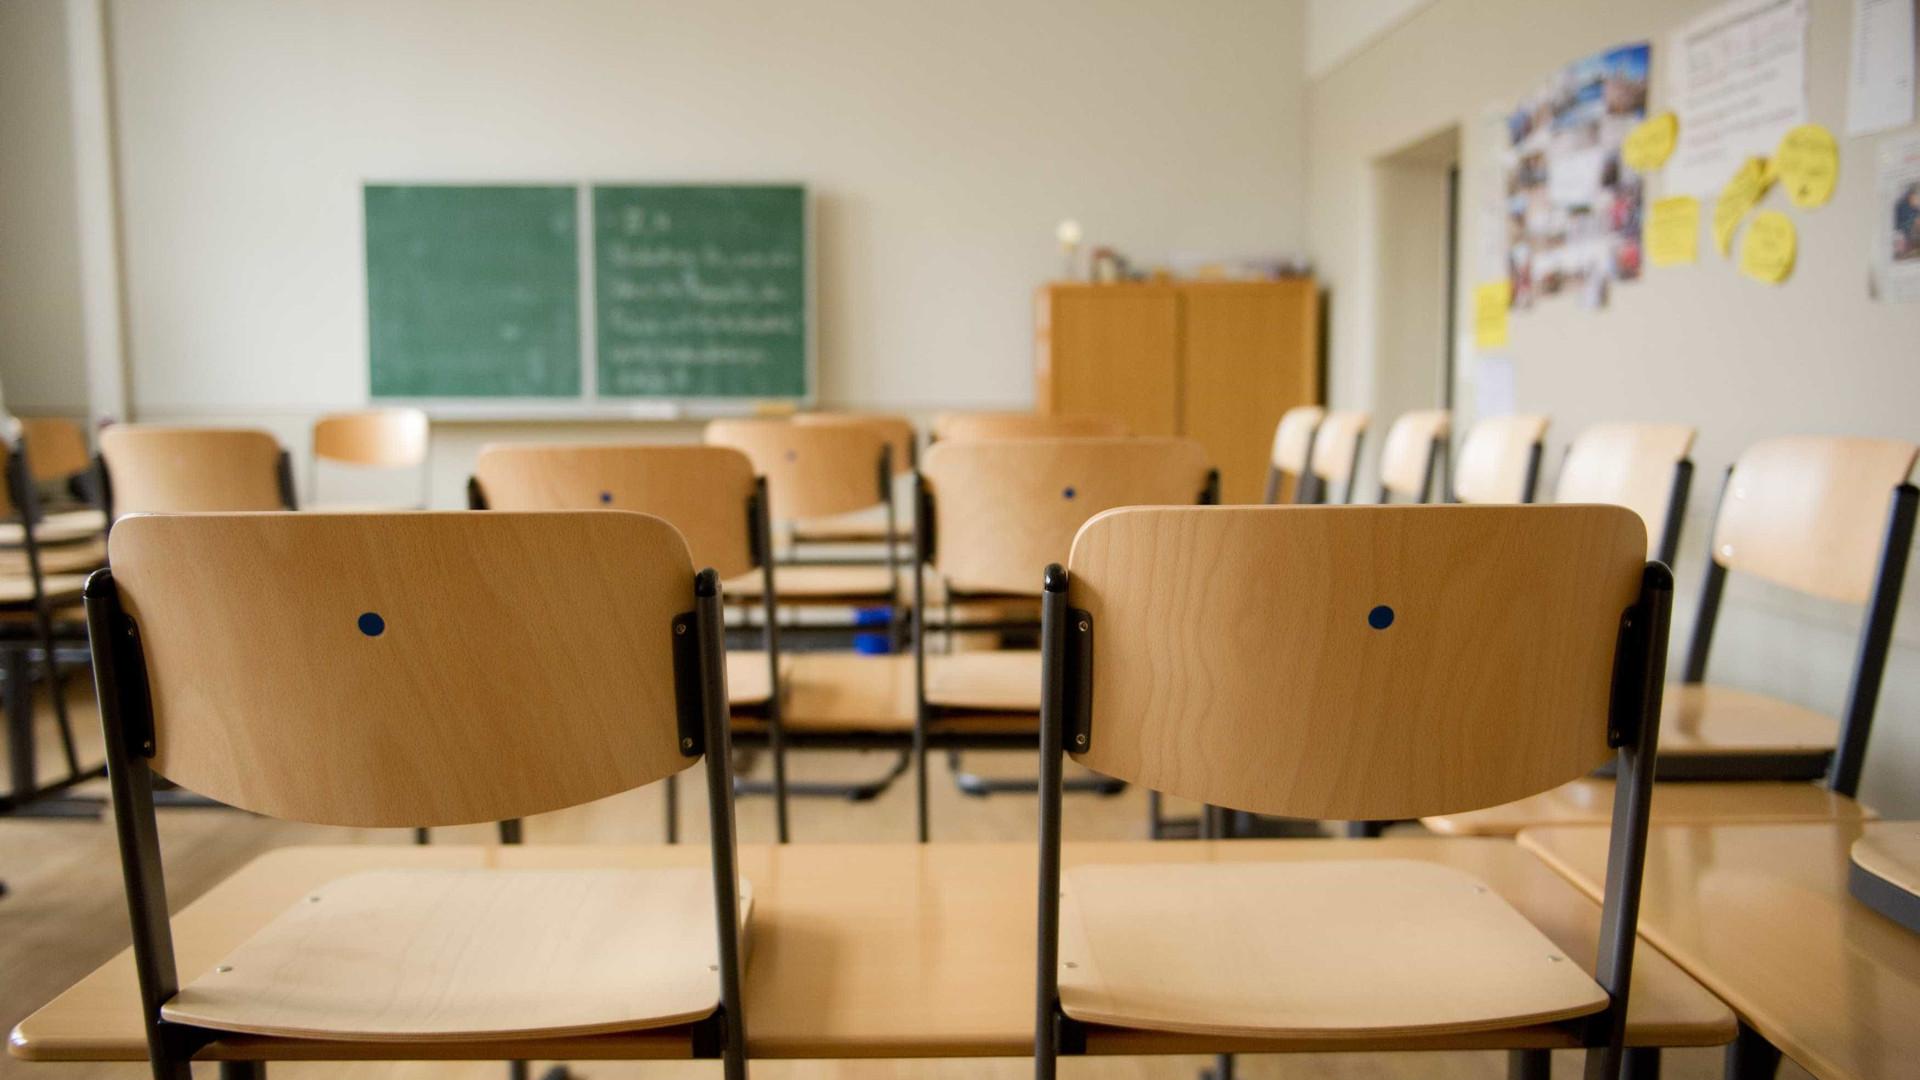 Escola particular terá via judicial para escapar da Escola sem Partido